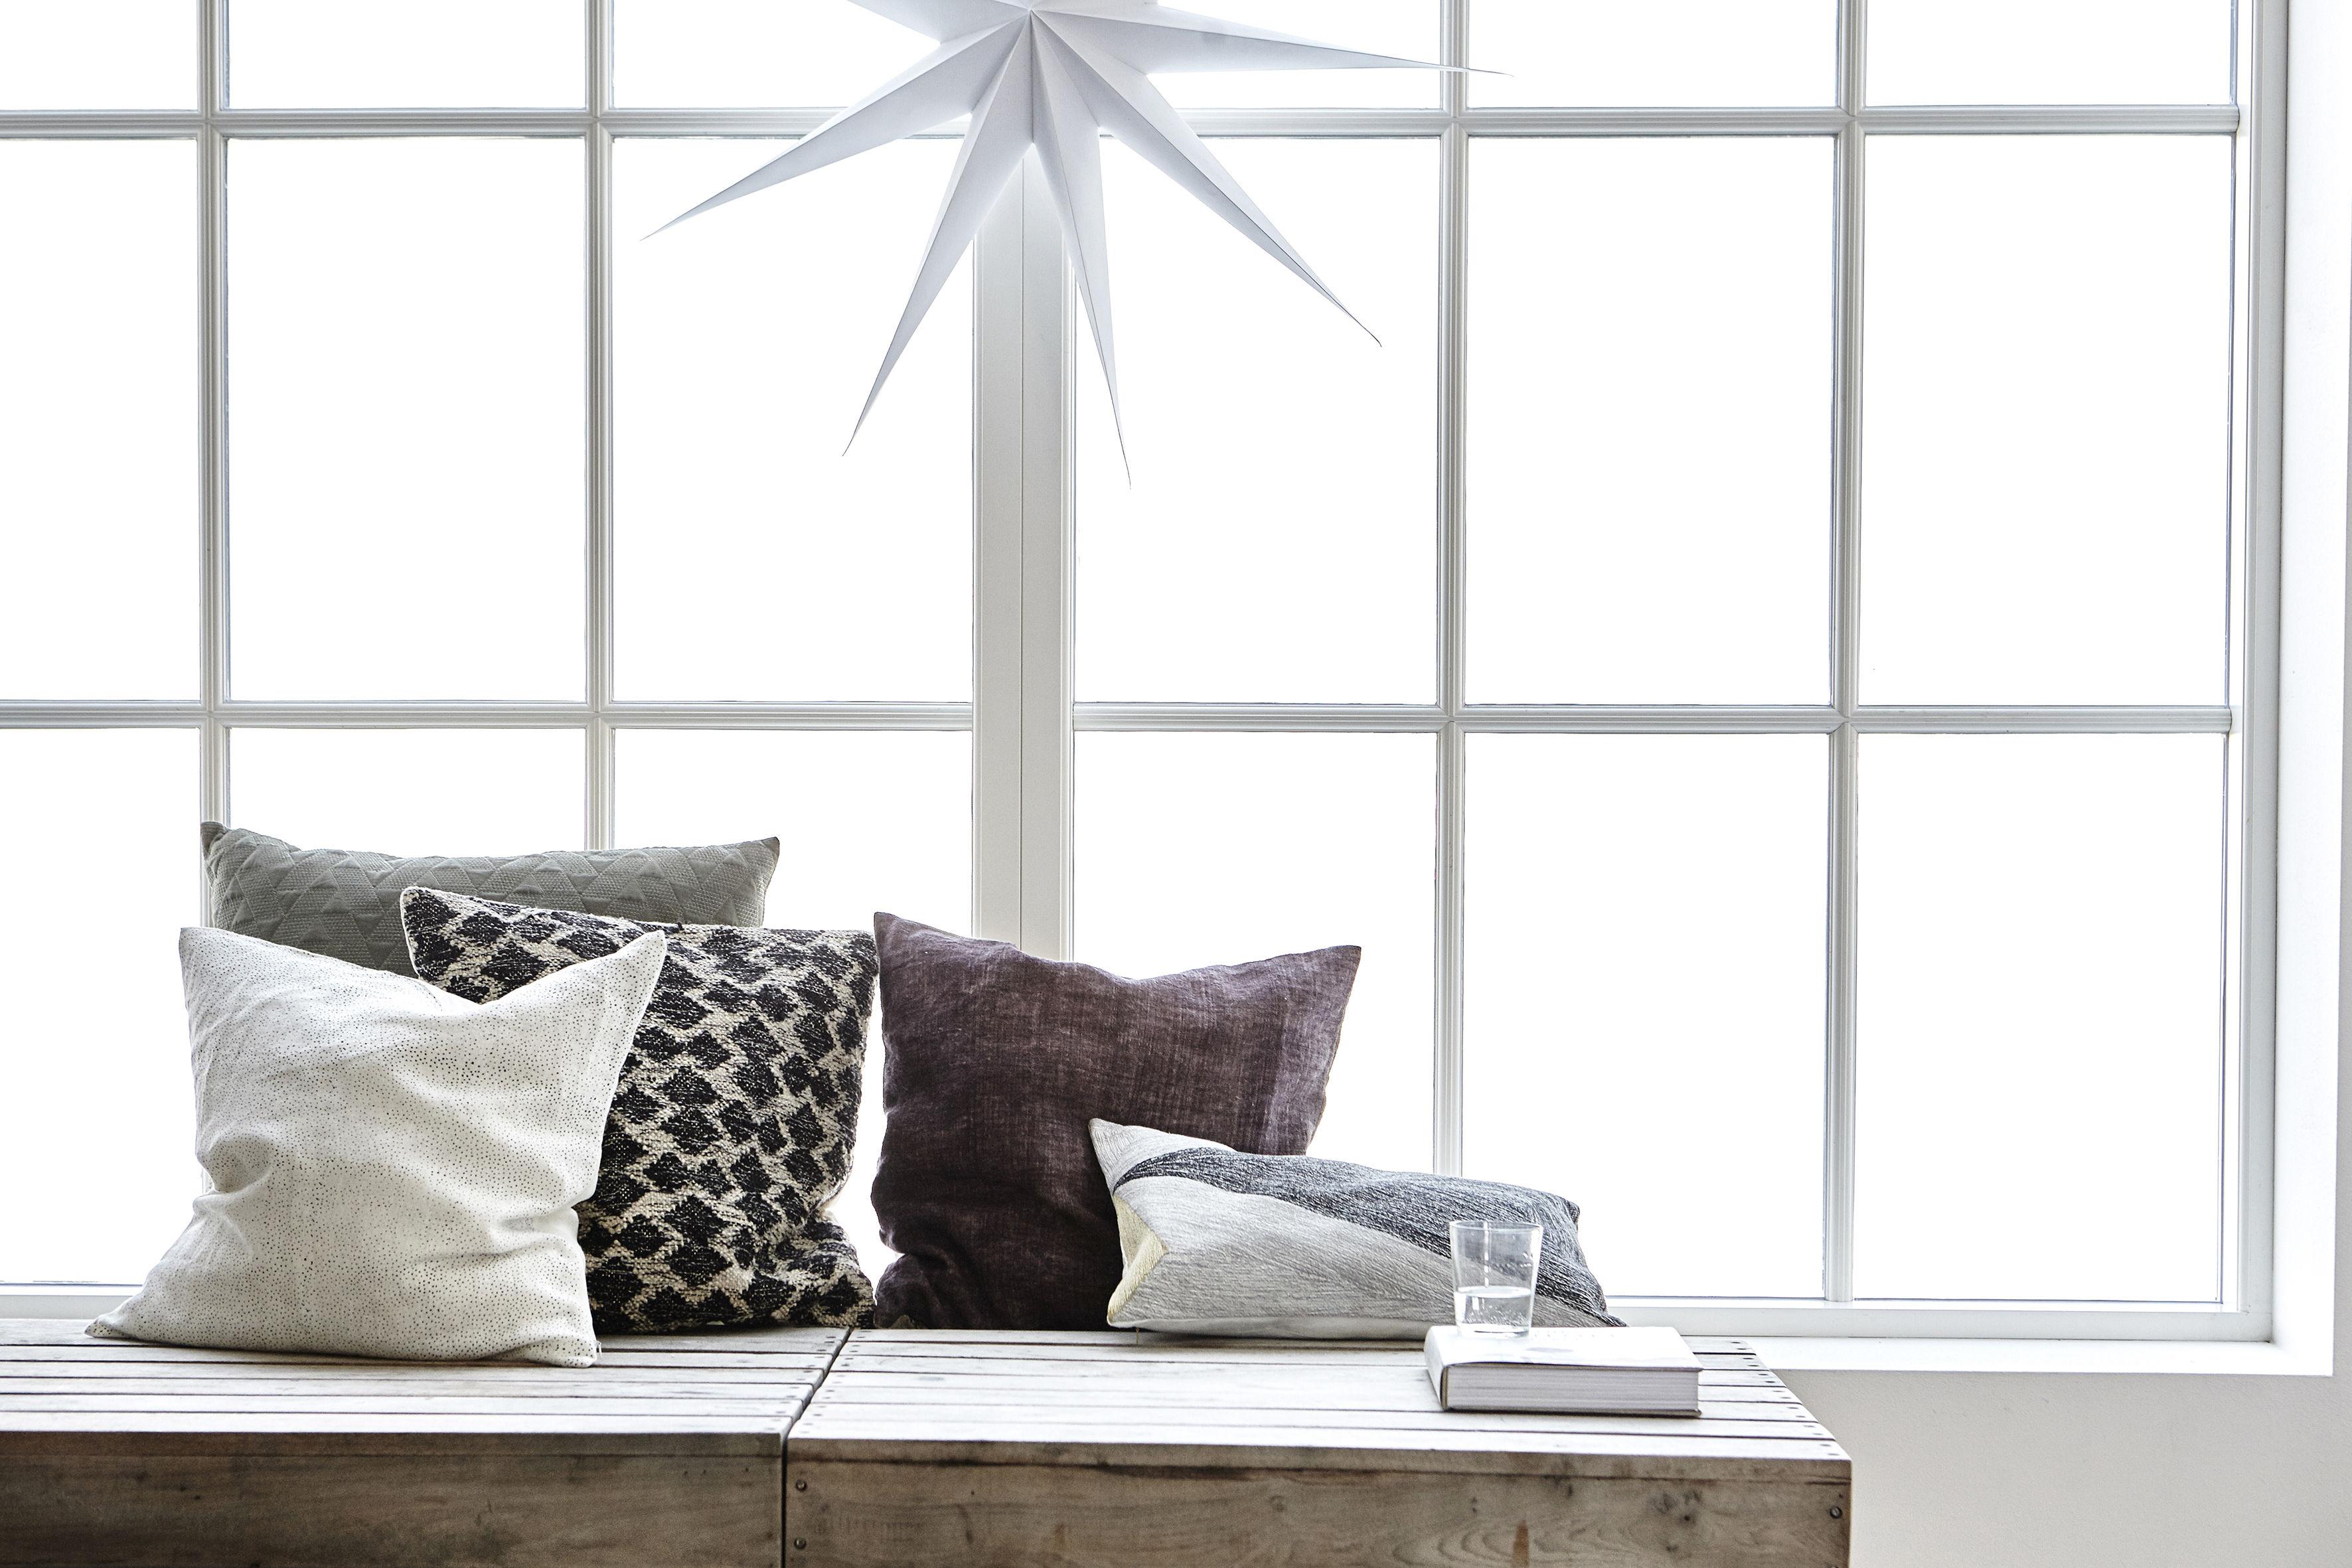 kissen arrow von house doctor grau schwarz beige made in design. Black Bedroom Furniture Sets. Home Design Ideas